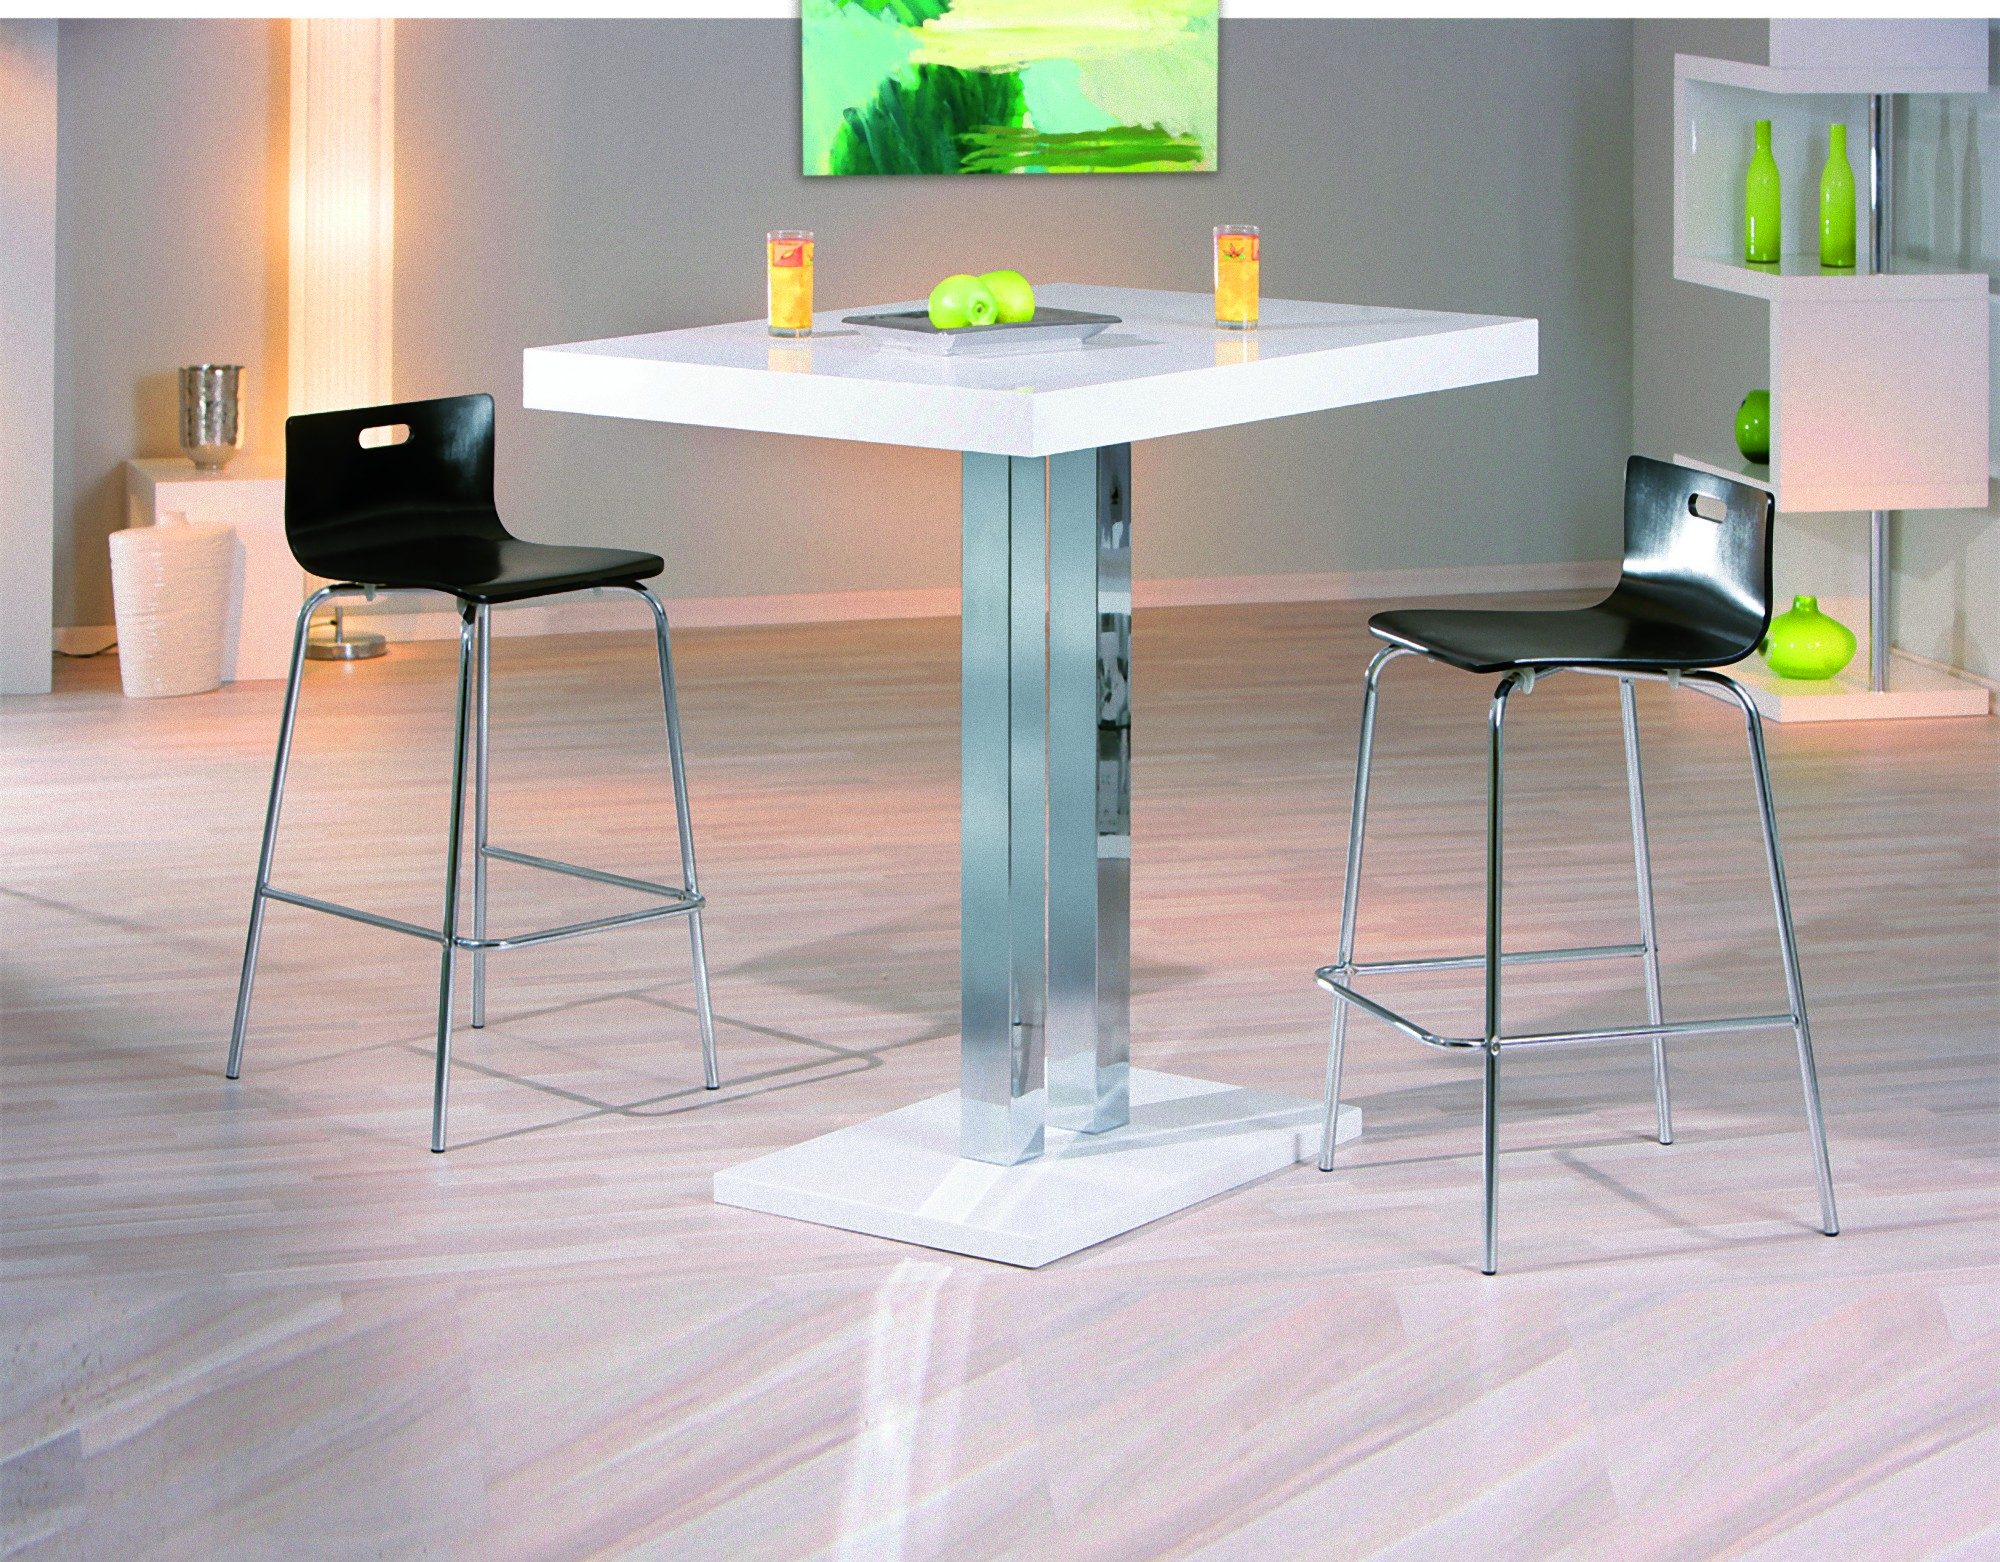 Full Size of Bartisch Palvam Weiss Hochglanz Bar Hochtisch Stehtisch Tisch Laminat In Der Küche Hängeschränke Einbauküche Selber Bauen Eckschrank Kaufen Ikea Küche Tresen Küche